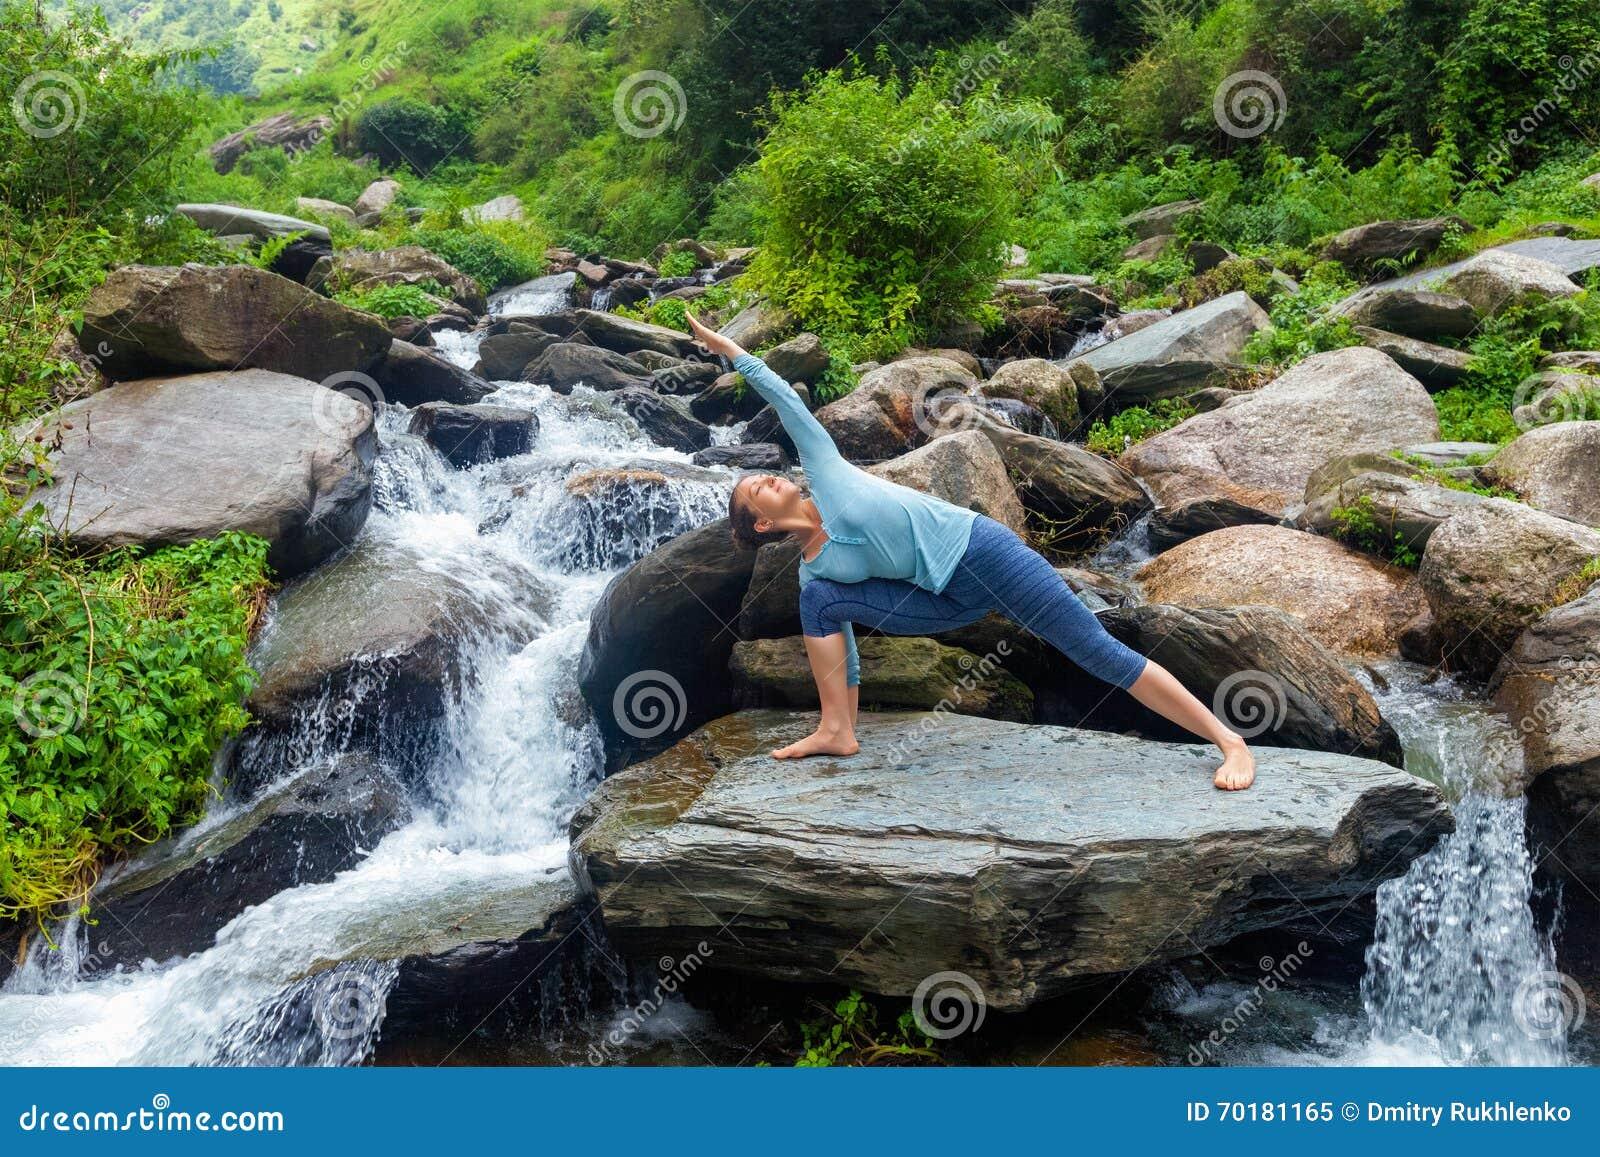 Kvinnan öva yogaasanaen Utthita Parsvakonasana utomhus